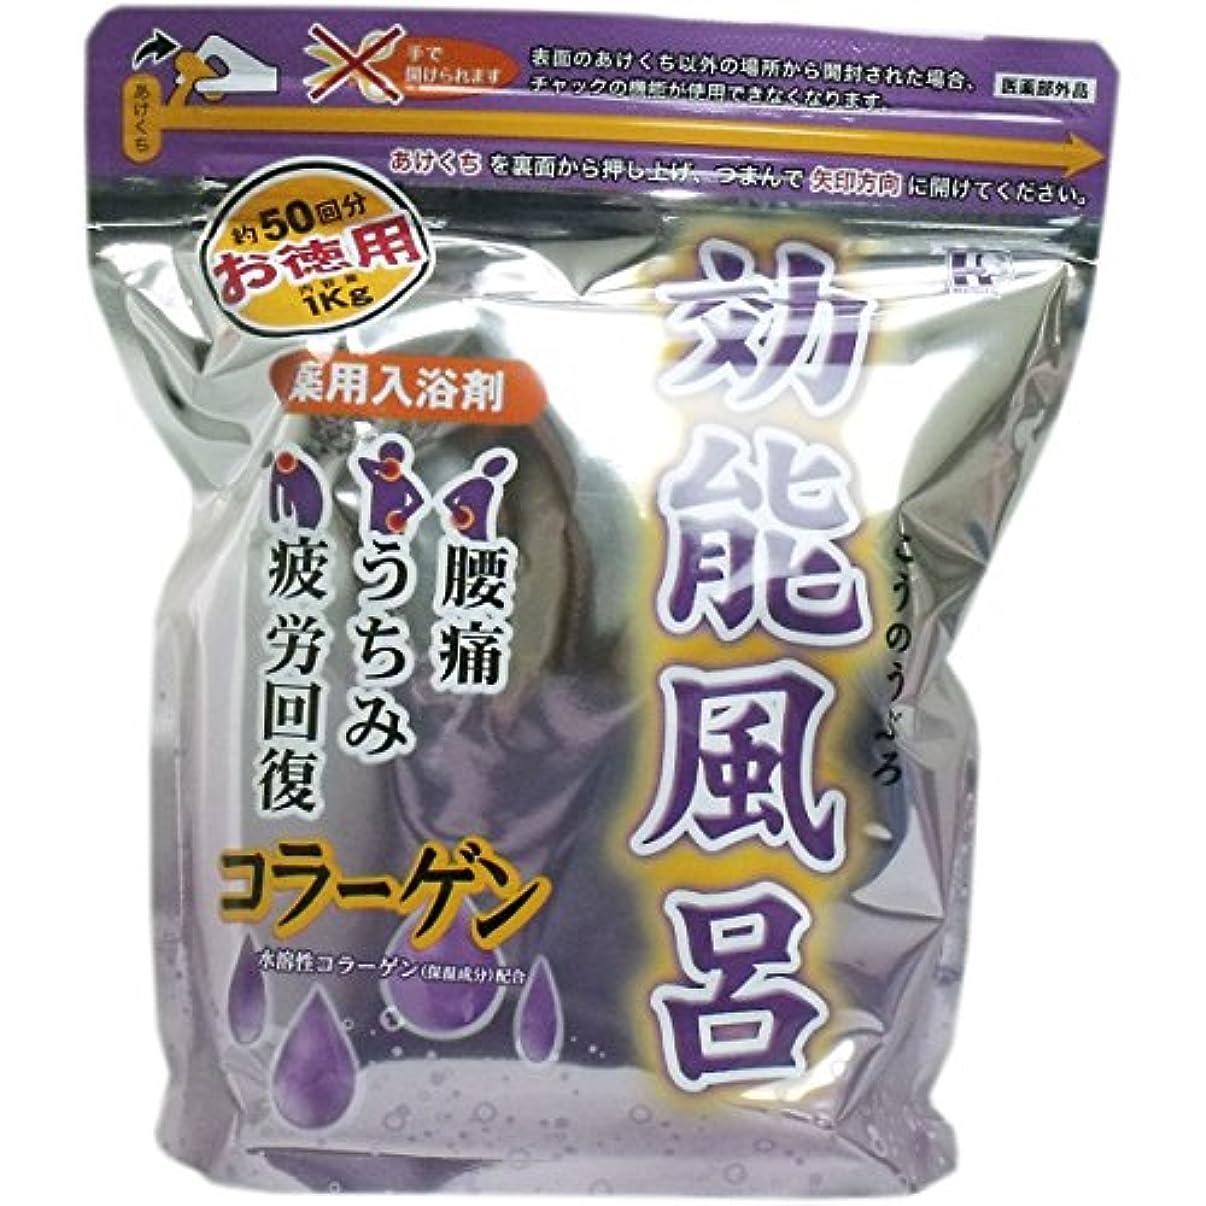 守るお尻不名誉な効能風呂 薬用入浴剤 コラーゲン 1Kg